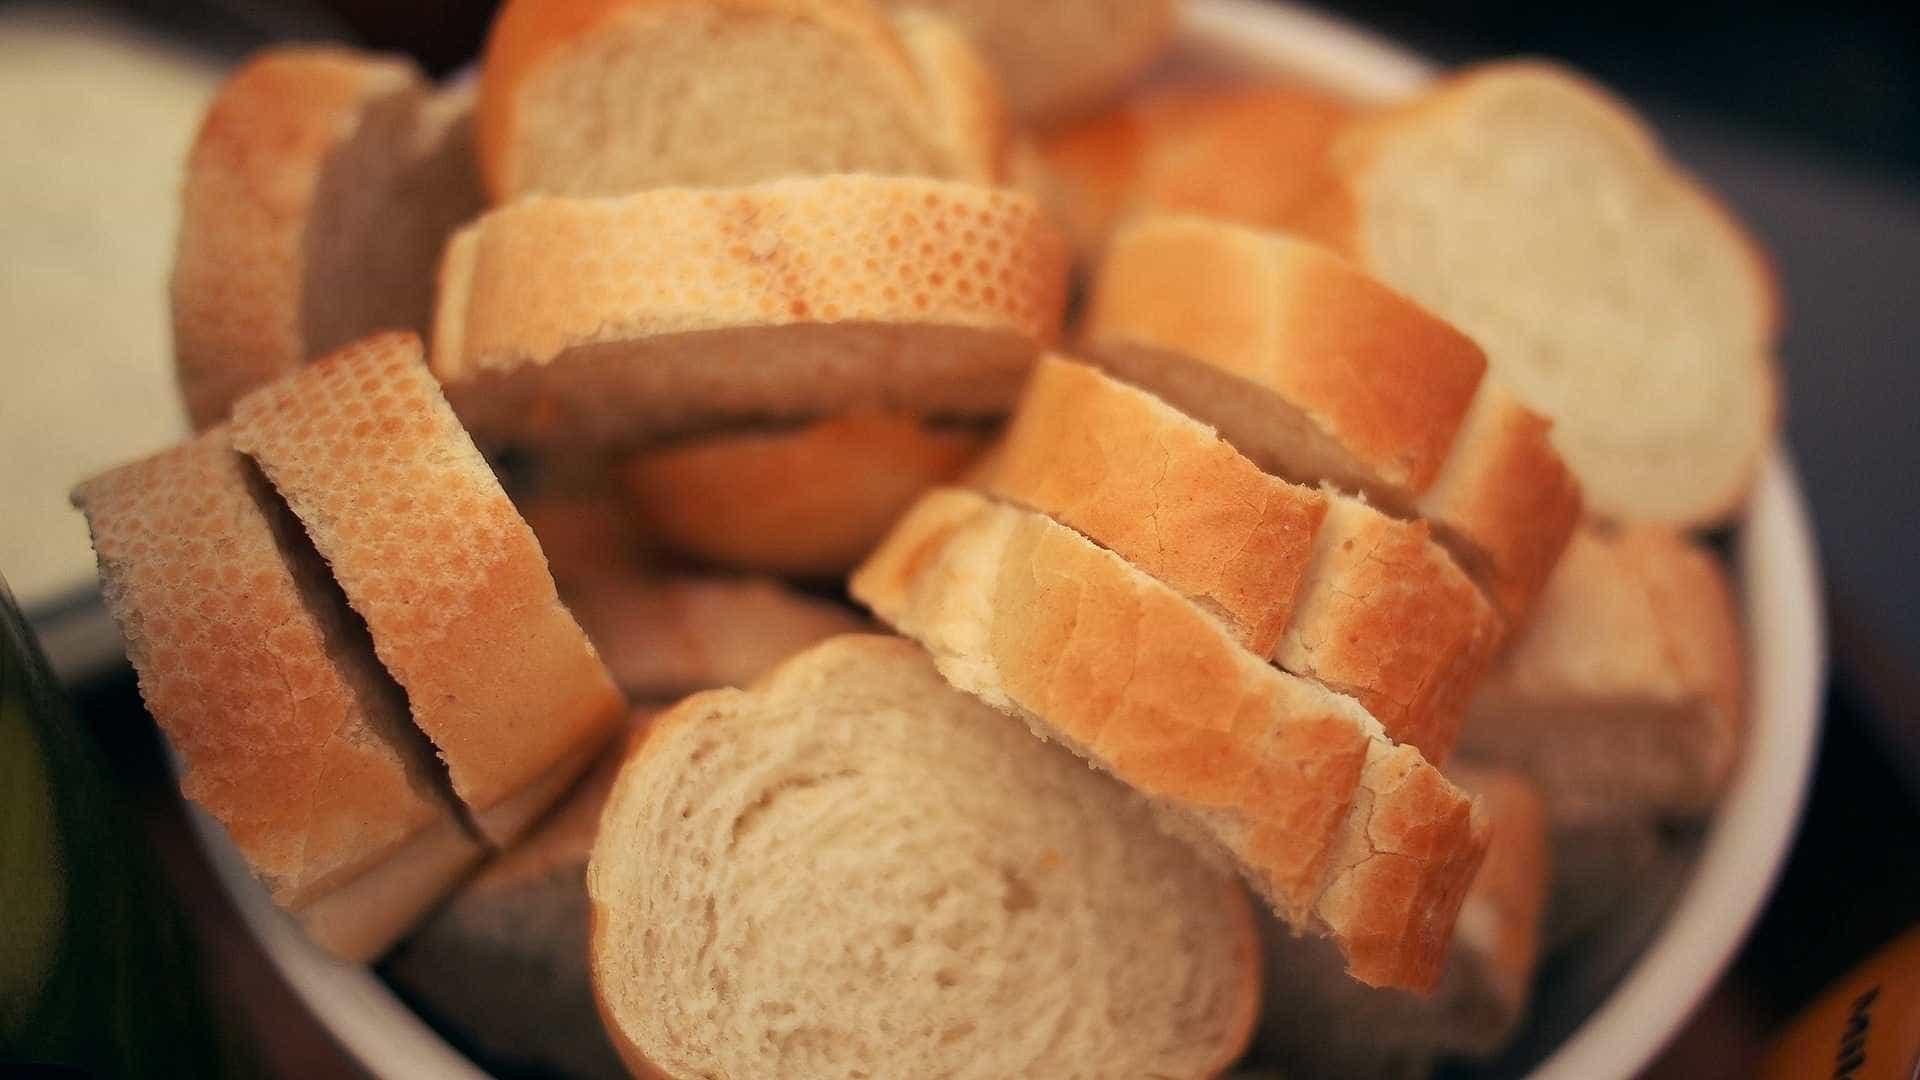 Em dois meses, preço de massas e pães subiram 10% no país